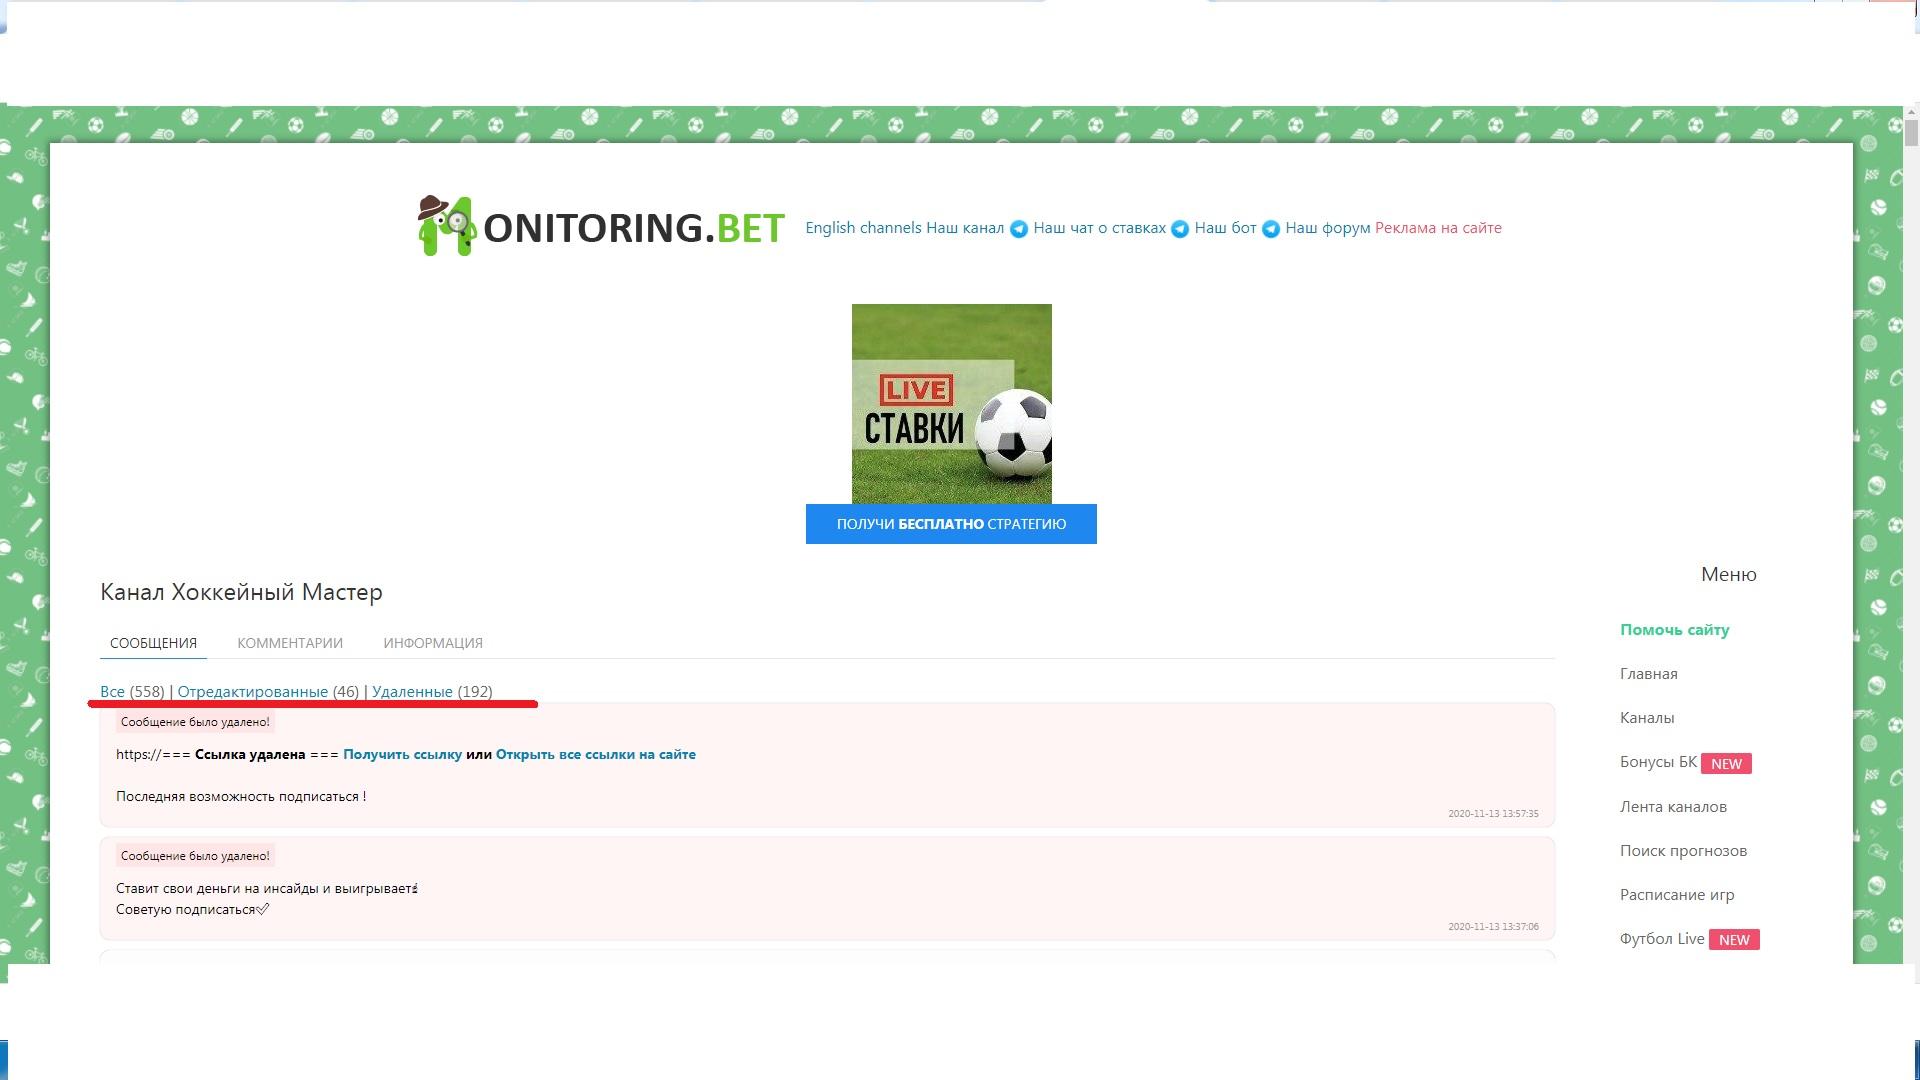 Более 40% постов удалены или отредактированы